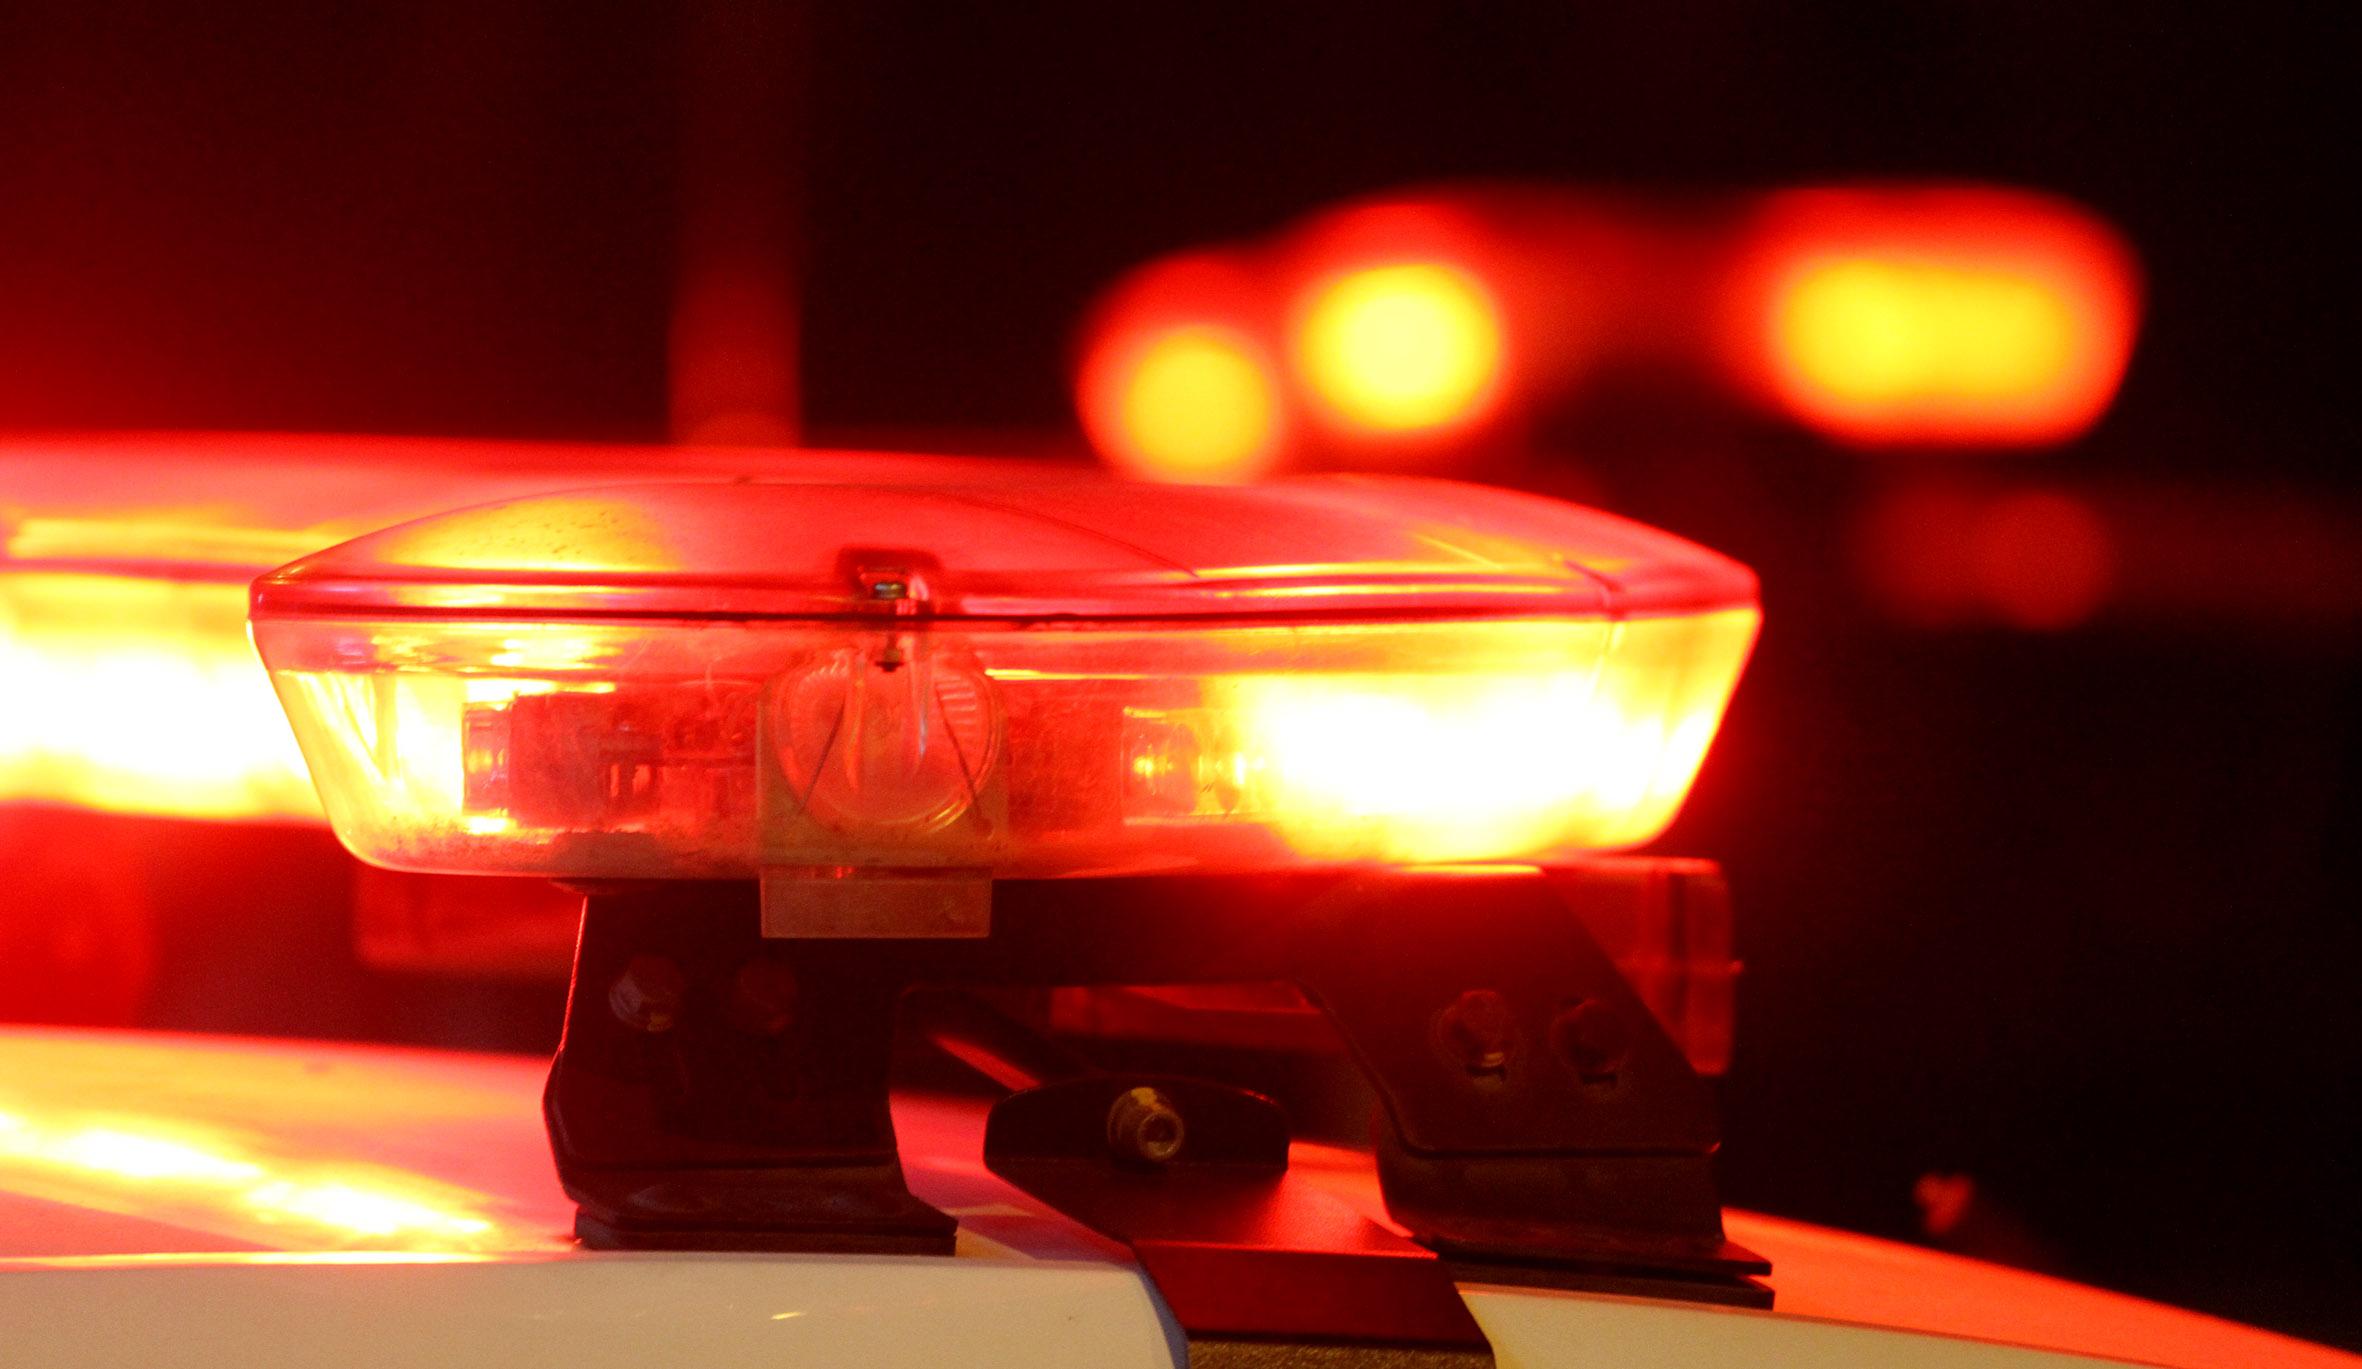 giroflex policia viatura